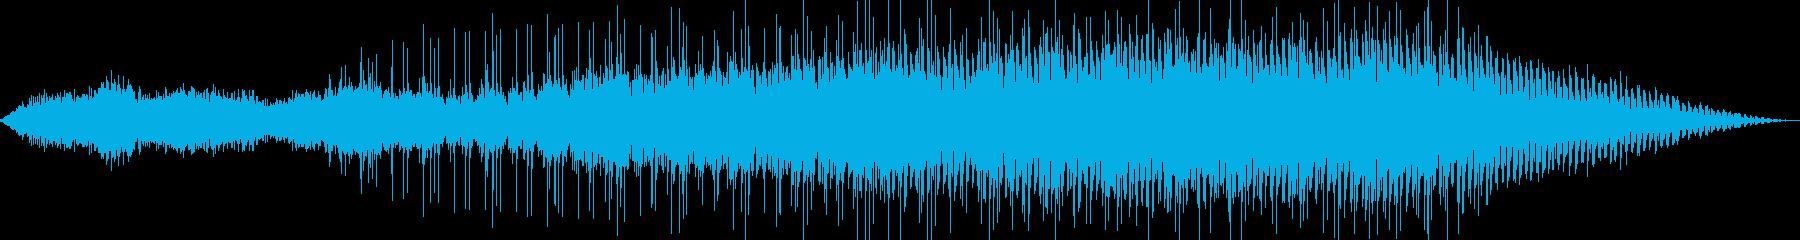 目覚めをイメージしたBGMの再生済みの波形